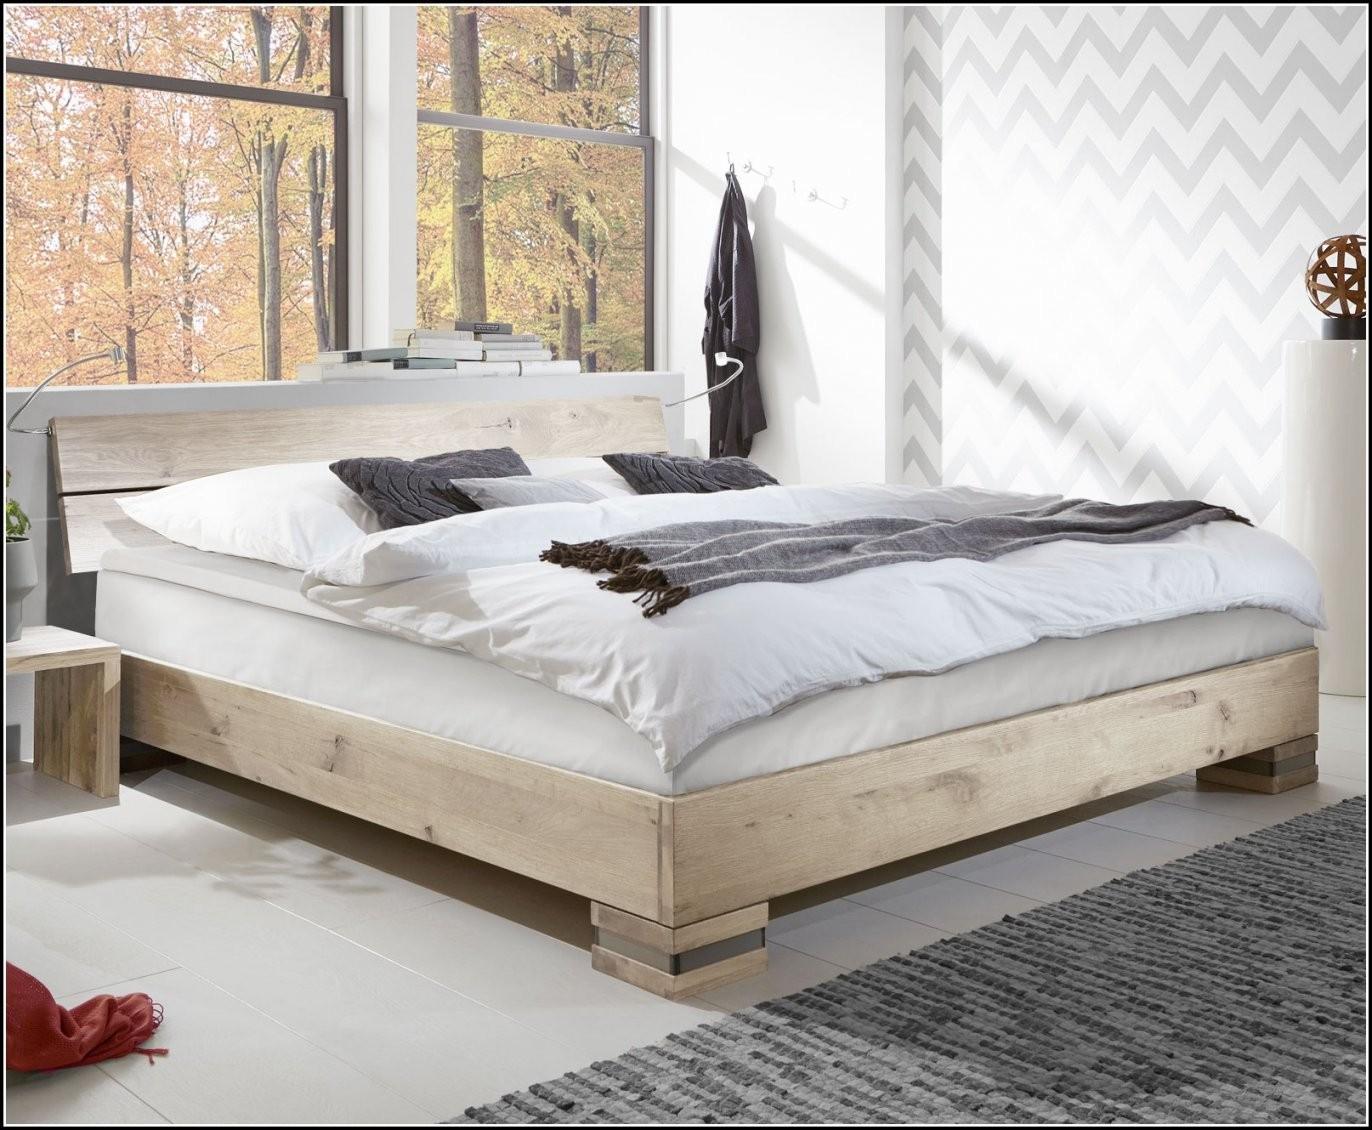 Betten Mit Matratze Und Lattenrost 140X200 von Günstige Betten Mit Matratze Und Lattenrost 140X200 Bild